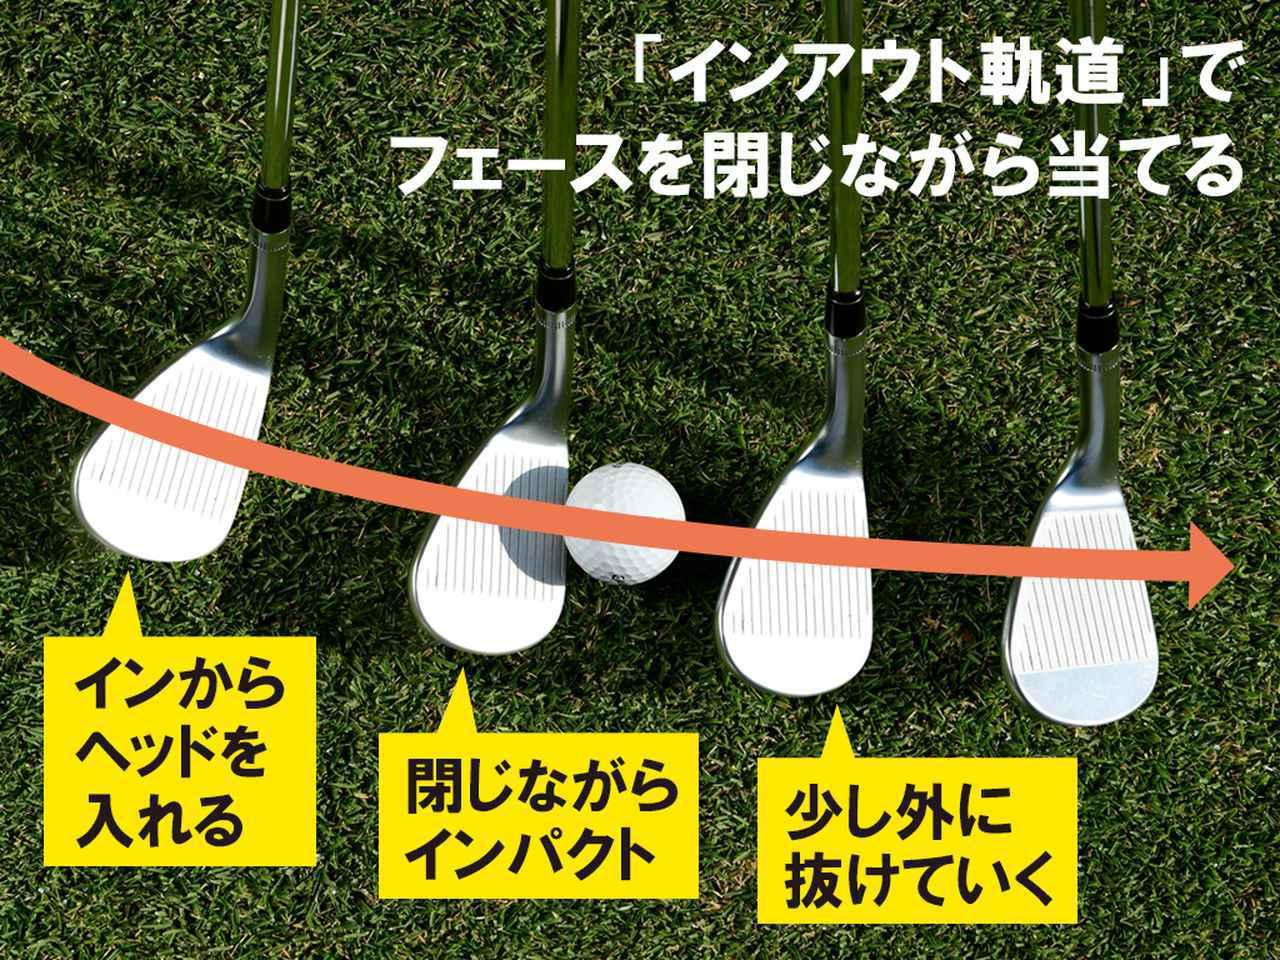 画像: ヘッドがインからアウトに動く間に打つことで、ロフトを立てながら当てることができる